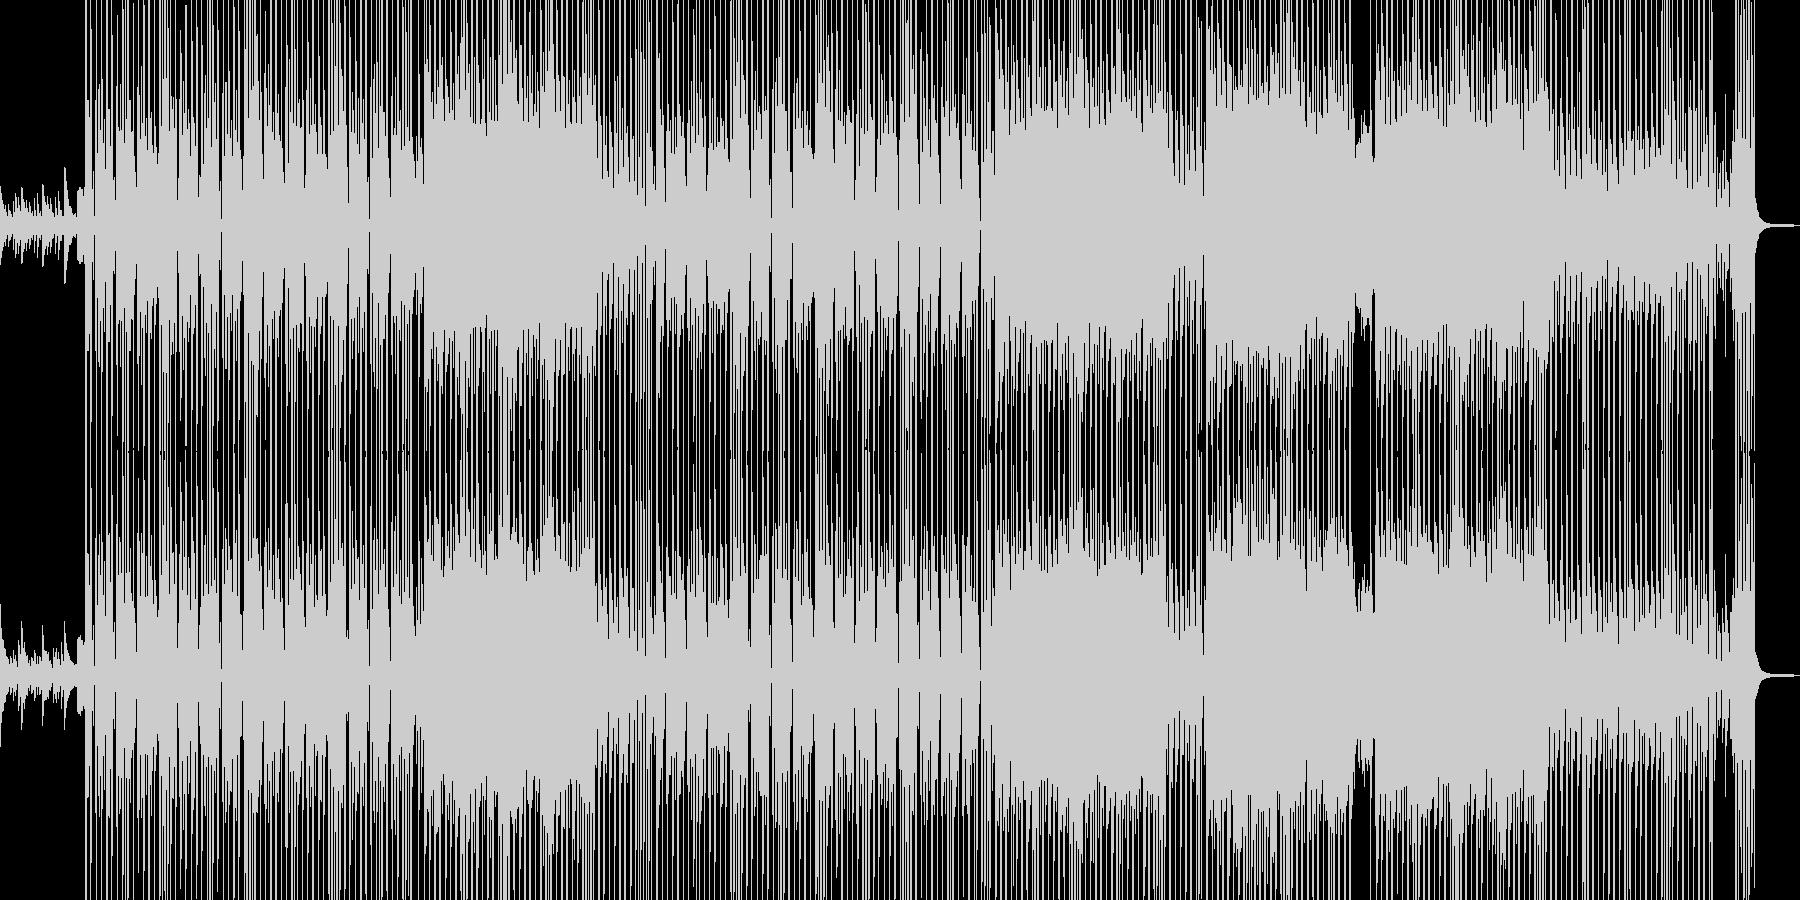 ビターエンドテーマのスロウテクノ 長尺★の未再生の波形